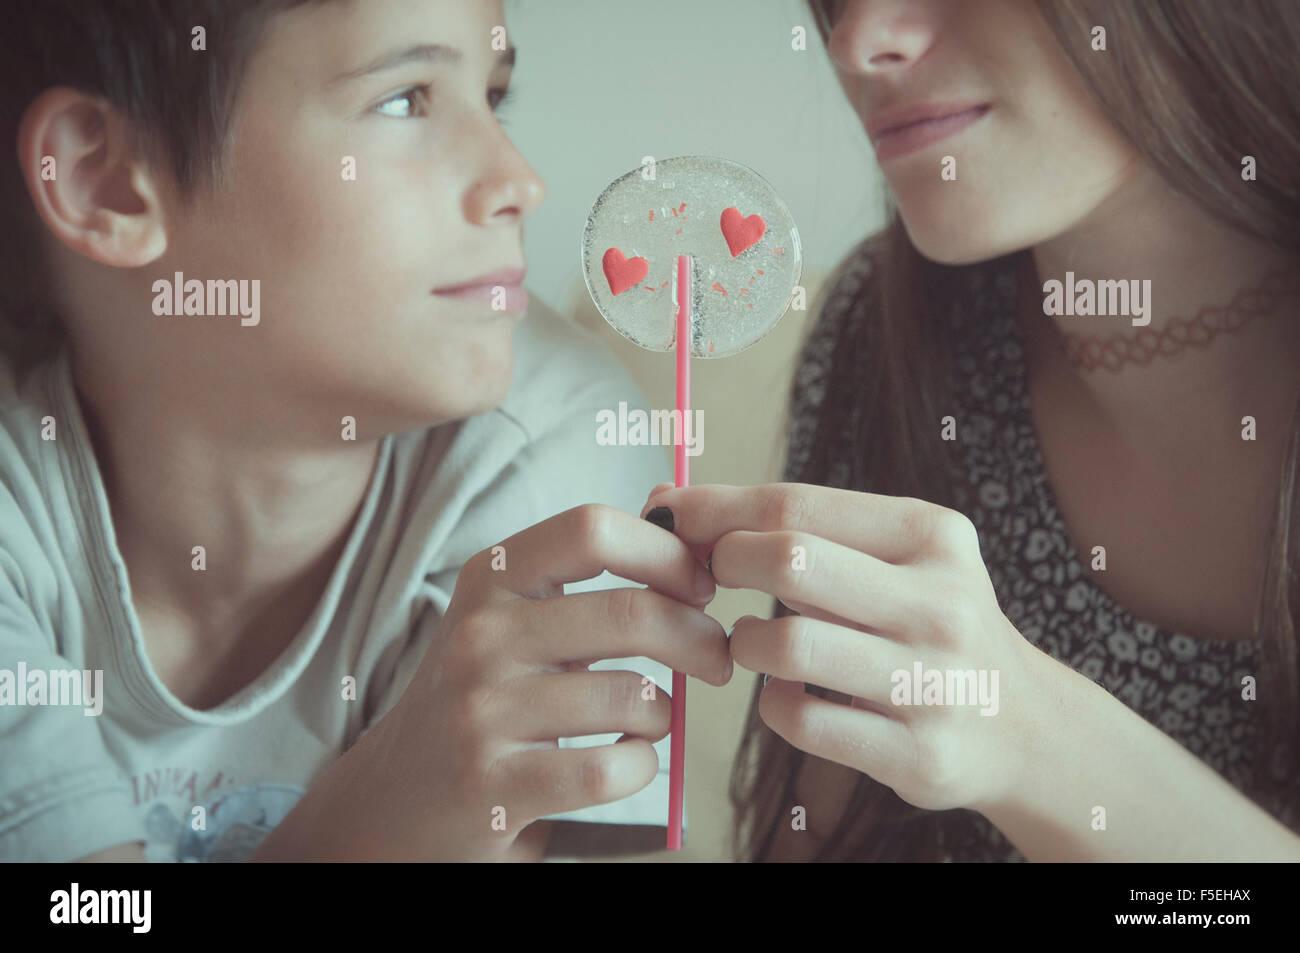 Un ragazzo e una ragazza tenendo il giorno di San Valentino il lecca-lecca Immagini Stock